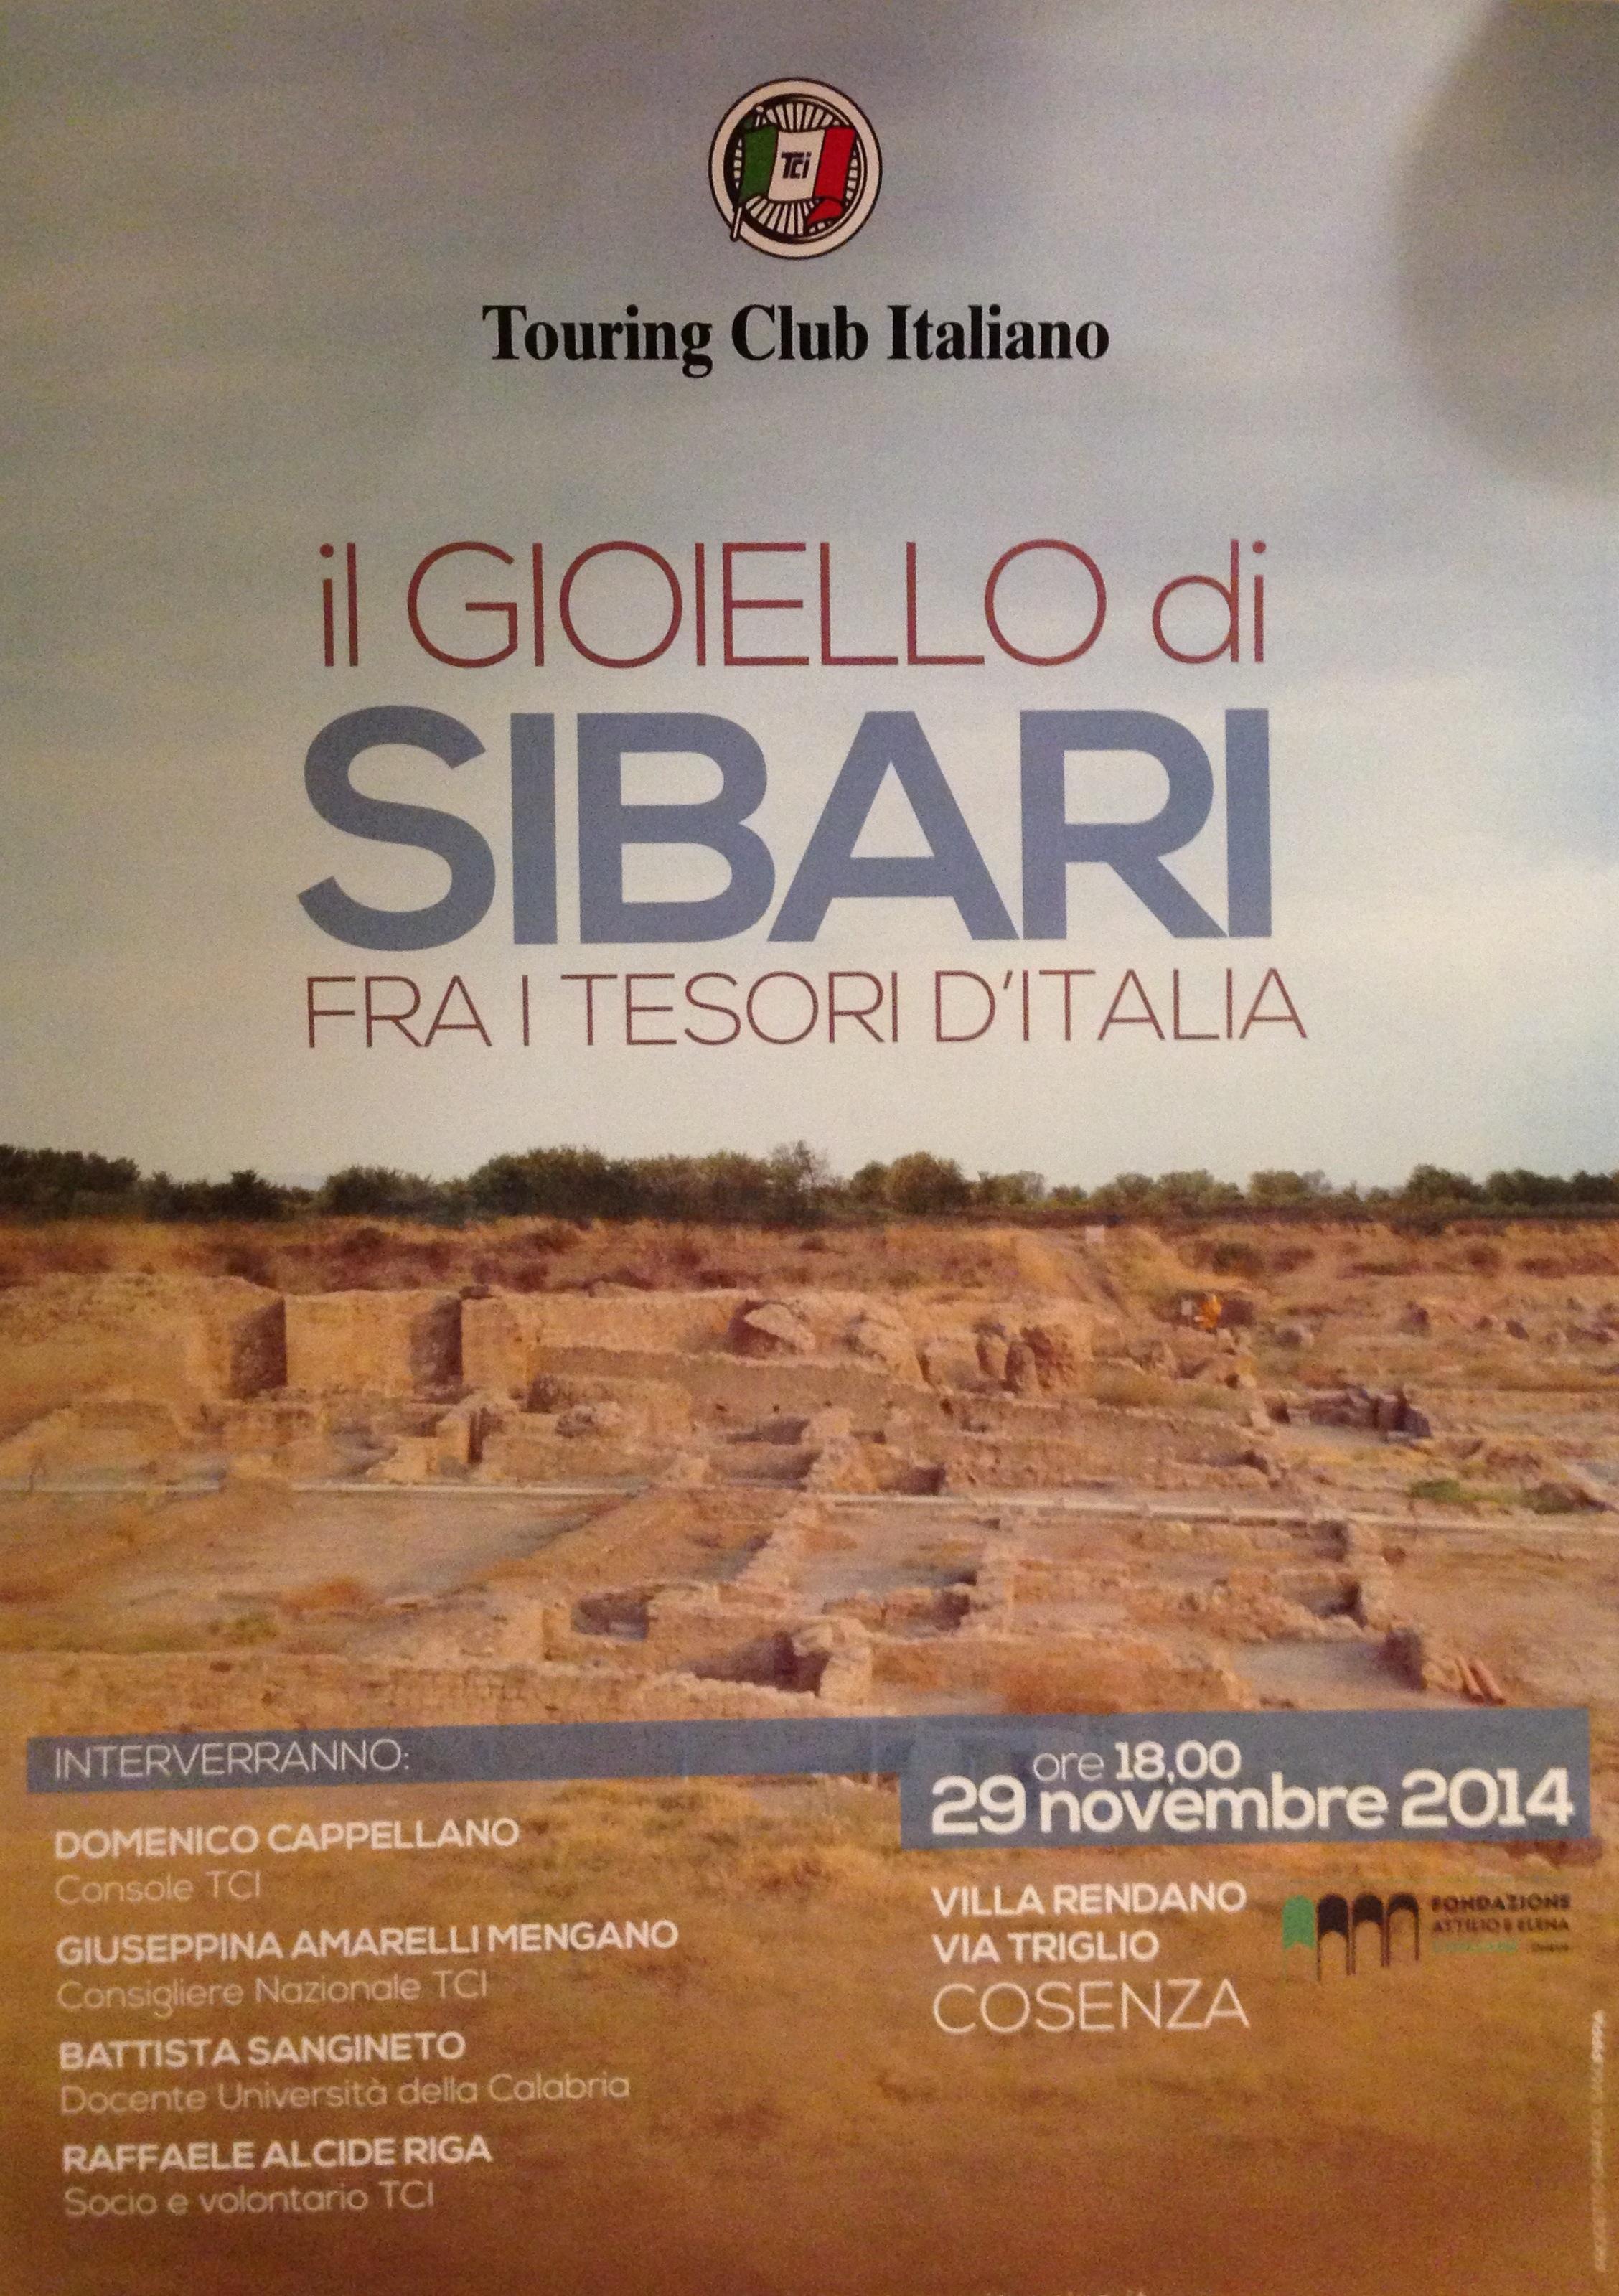 Il gioiello di Sibari tra i tesori d'Italia